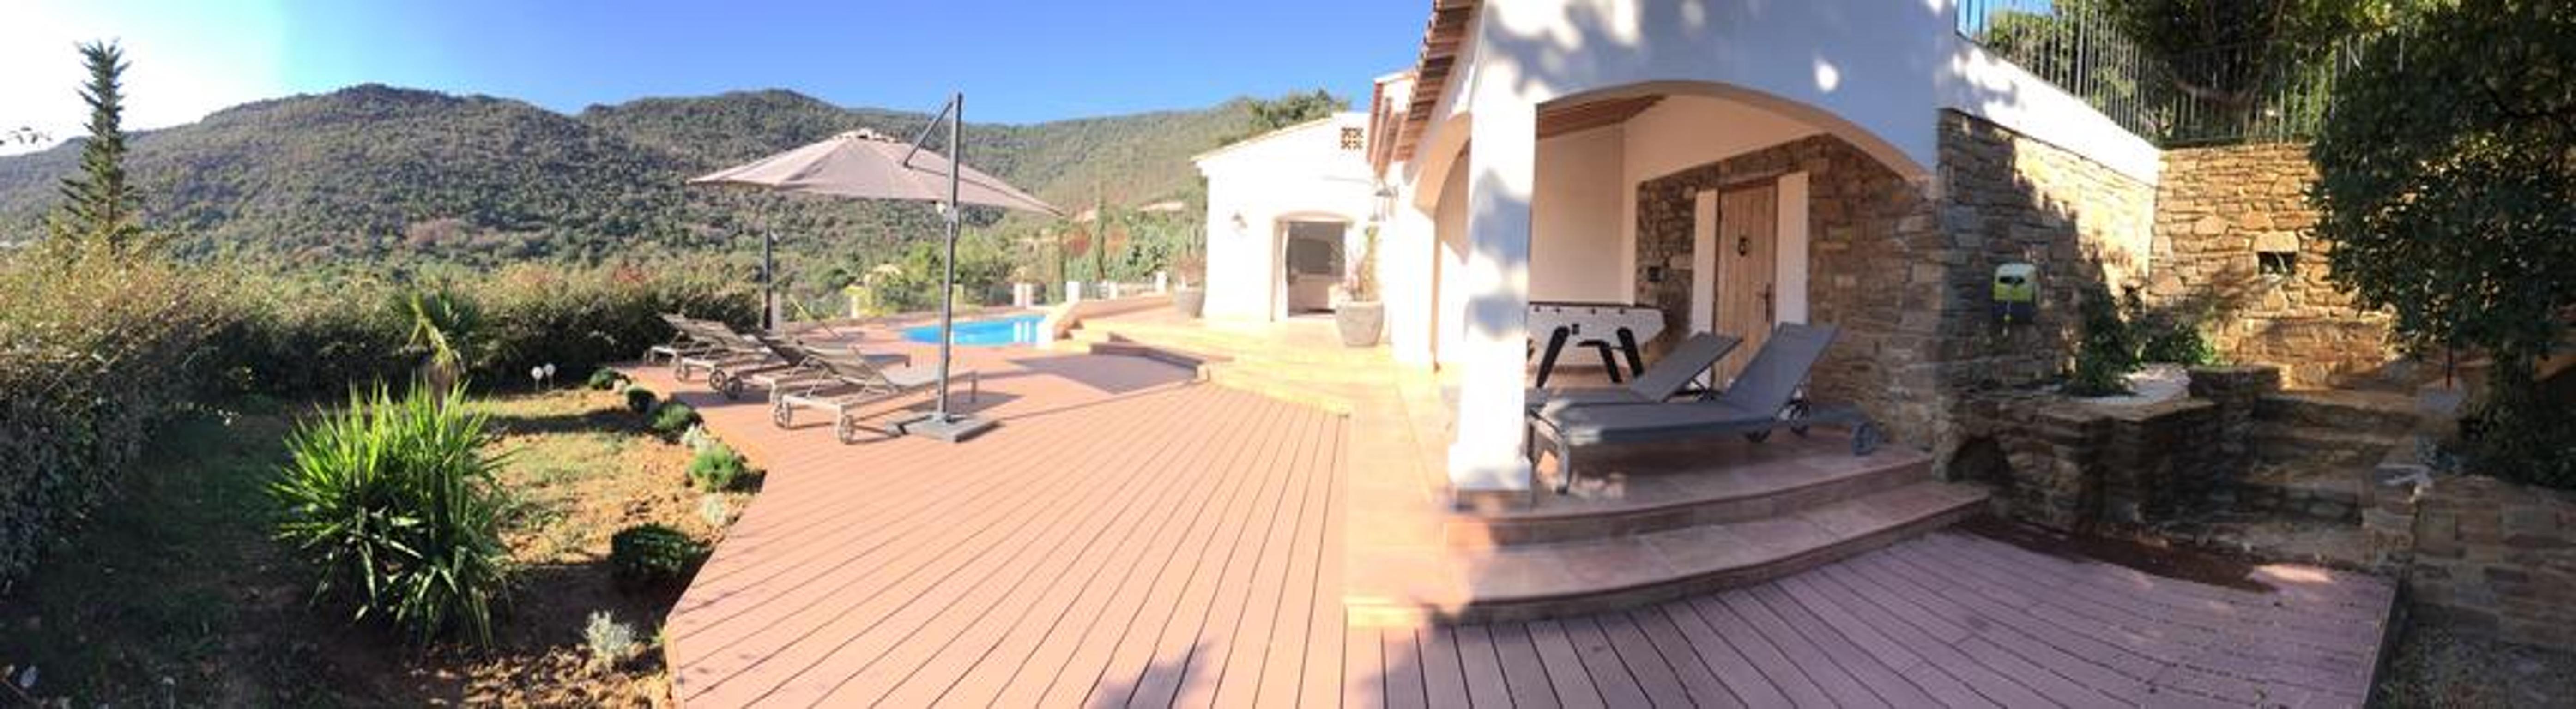 Maison de vacances Villa mit 5 Schlafzimmern in Rayol-Canadel-sur-Mer mit toller Aussicht auf die Berge, priv (2201555), Le Lavandou, Côte d'Azur, Provence - Alpes - Côte d'Azur, France, image 42